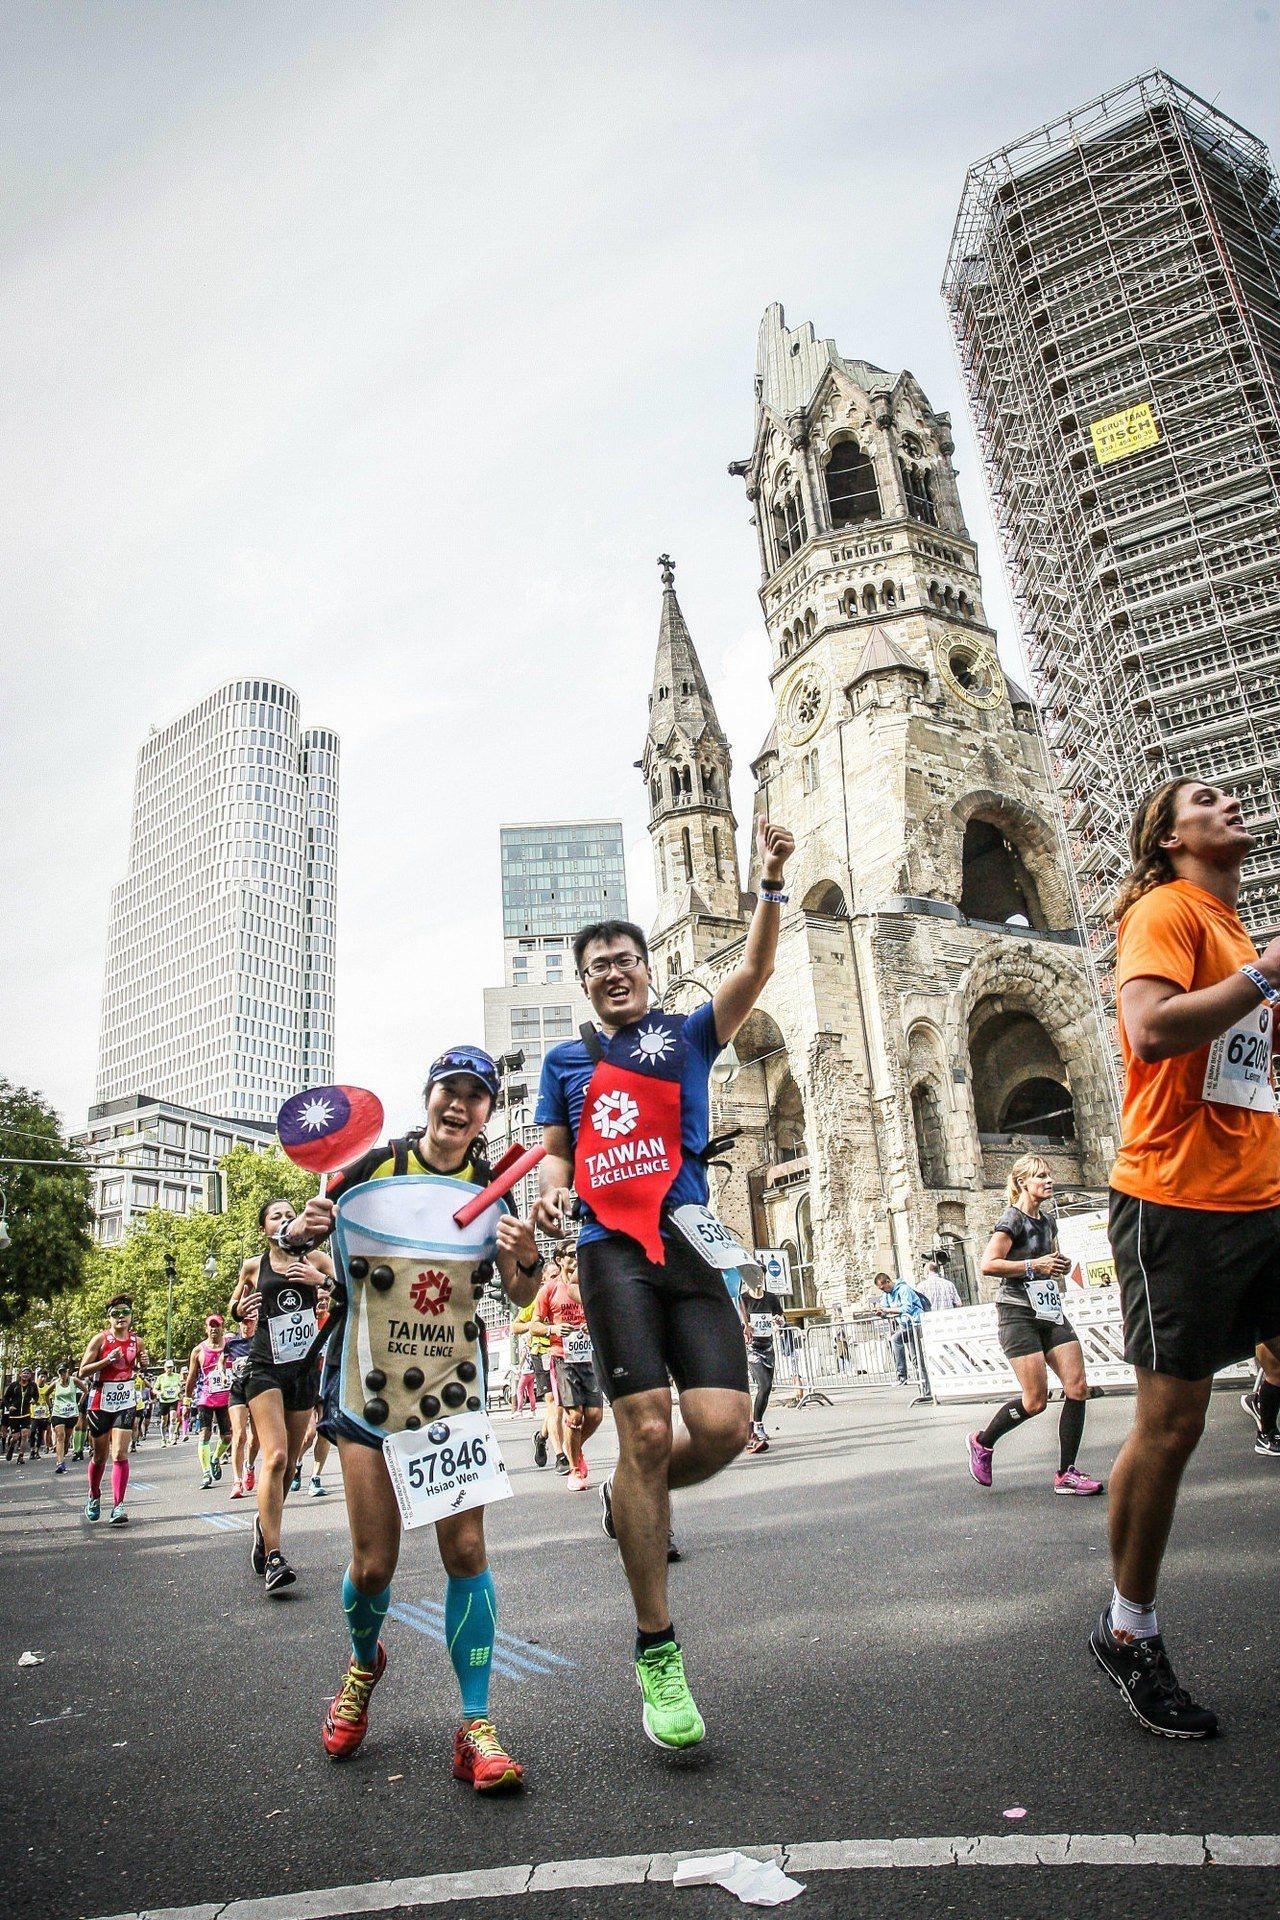 2018台灣精品代表隊跑者以創意珍奶造型參賽超級吸睛。圖/外貿協會提供